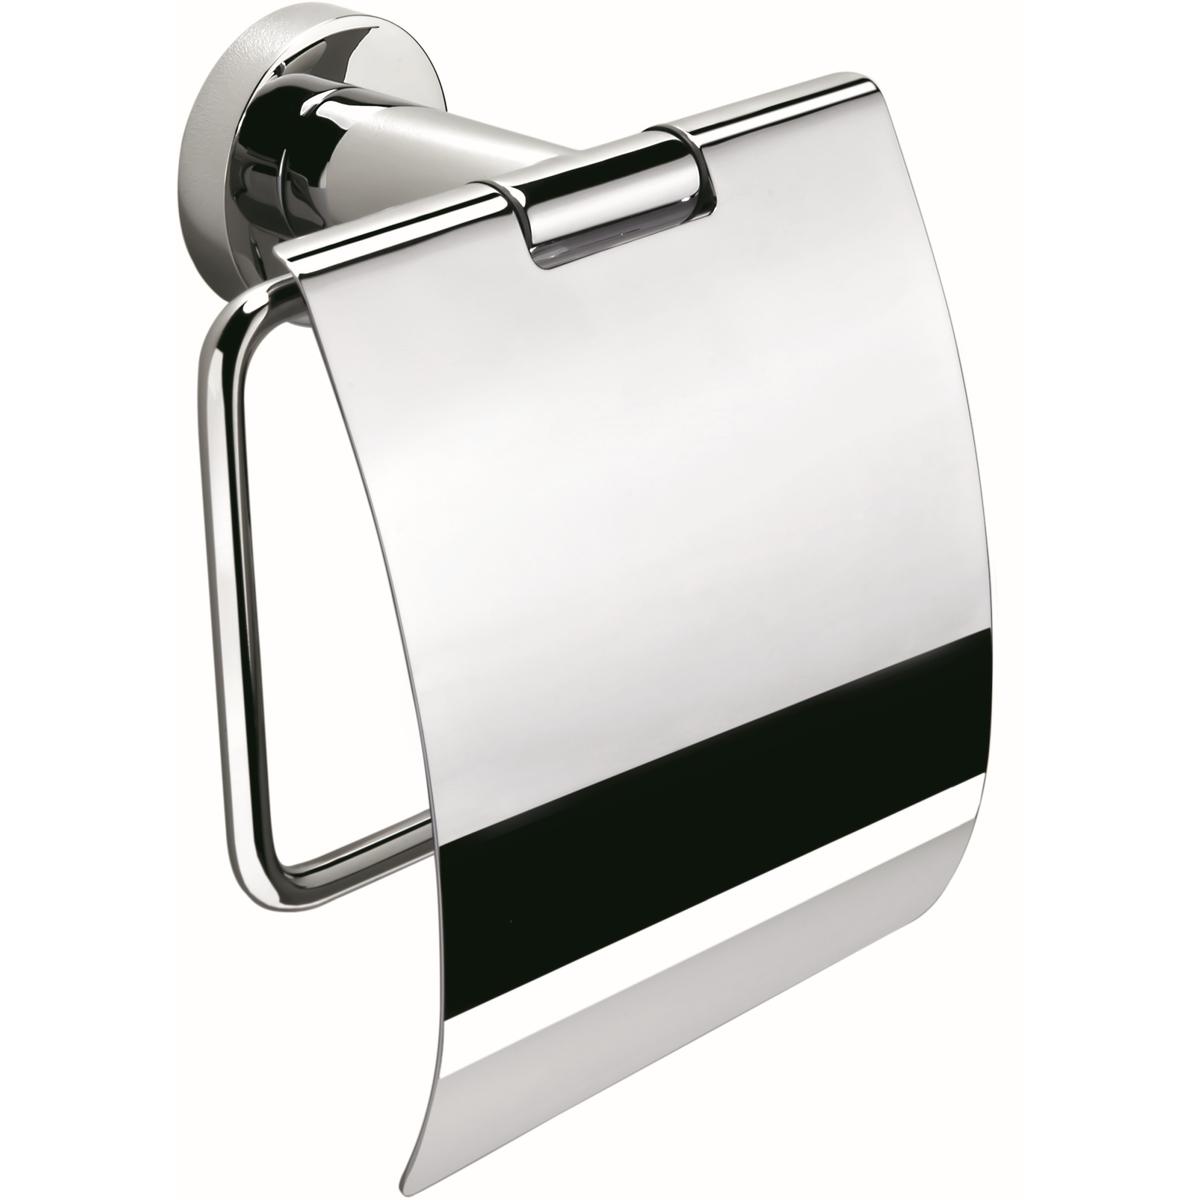 Supporto per rotolo di carta igienica con mosaico argentato.